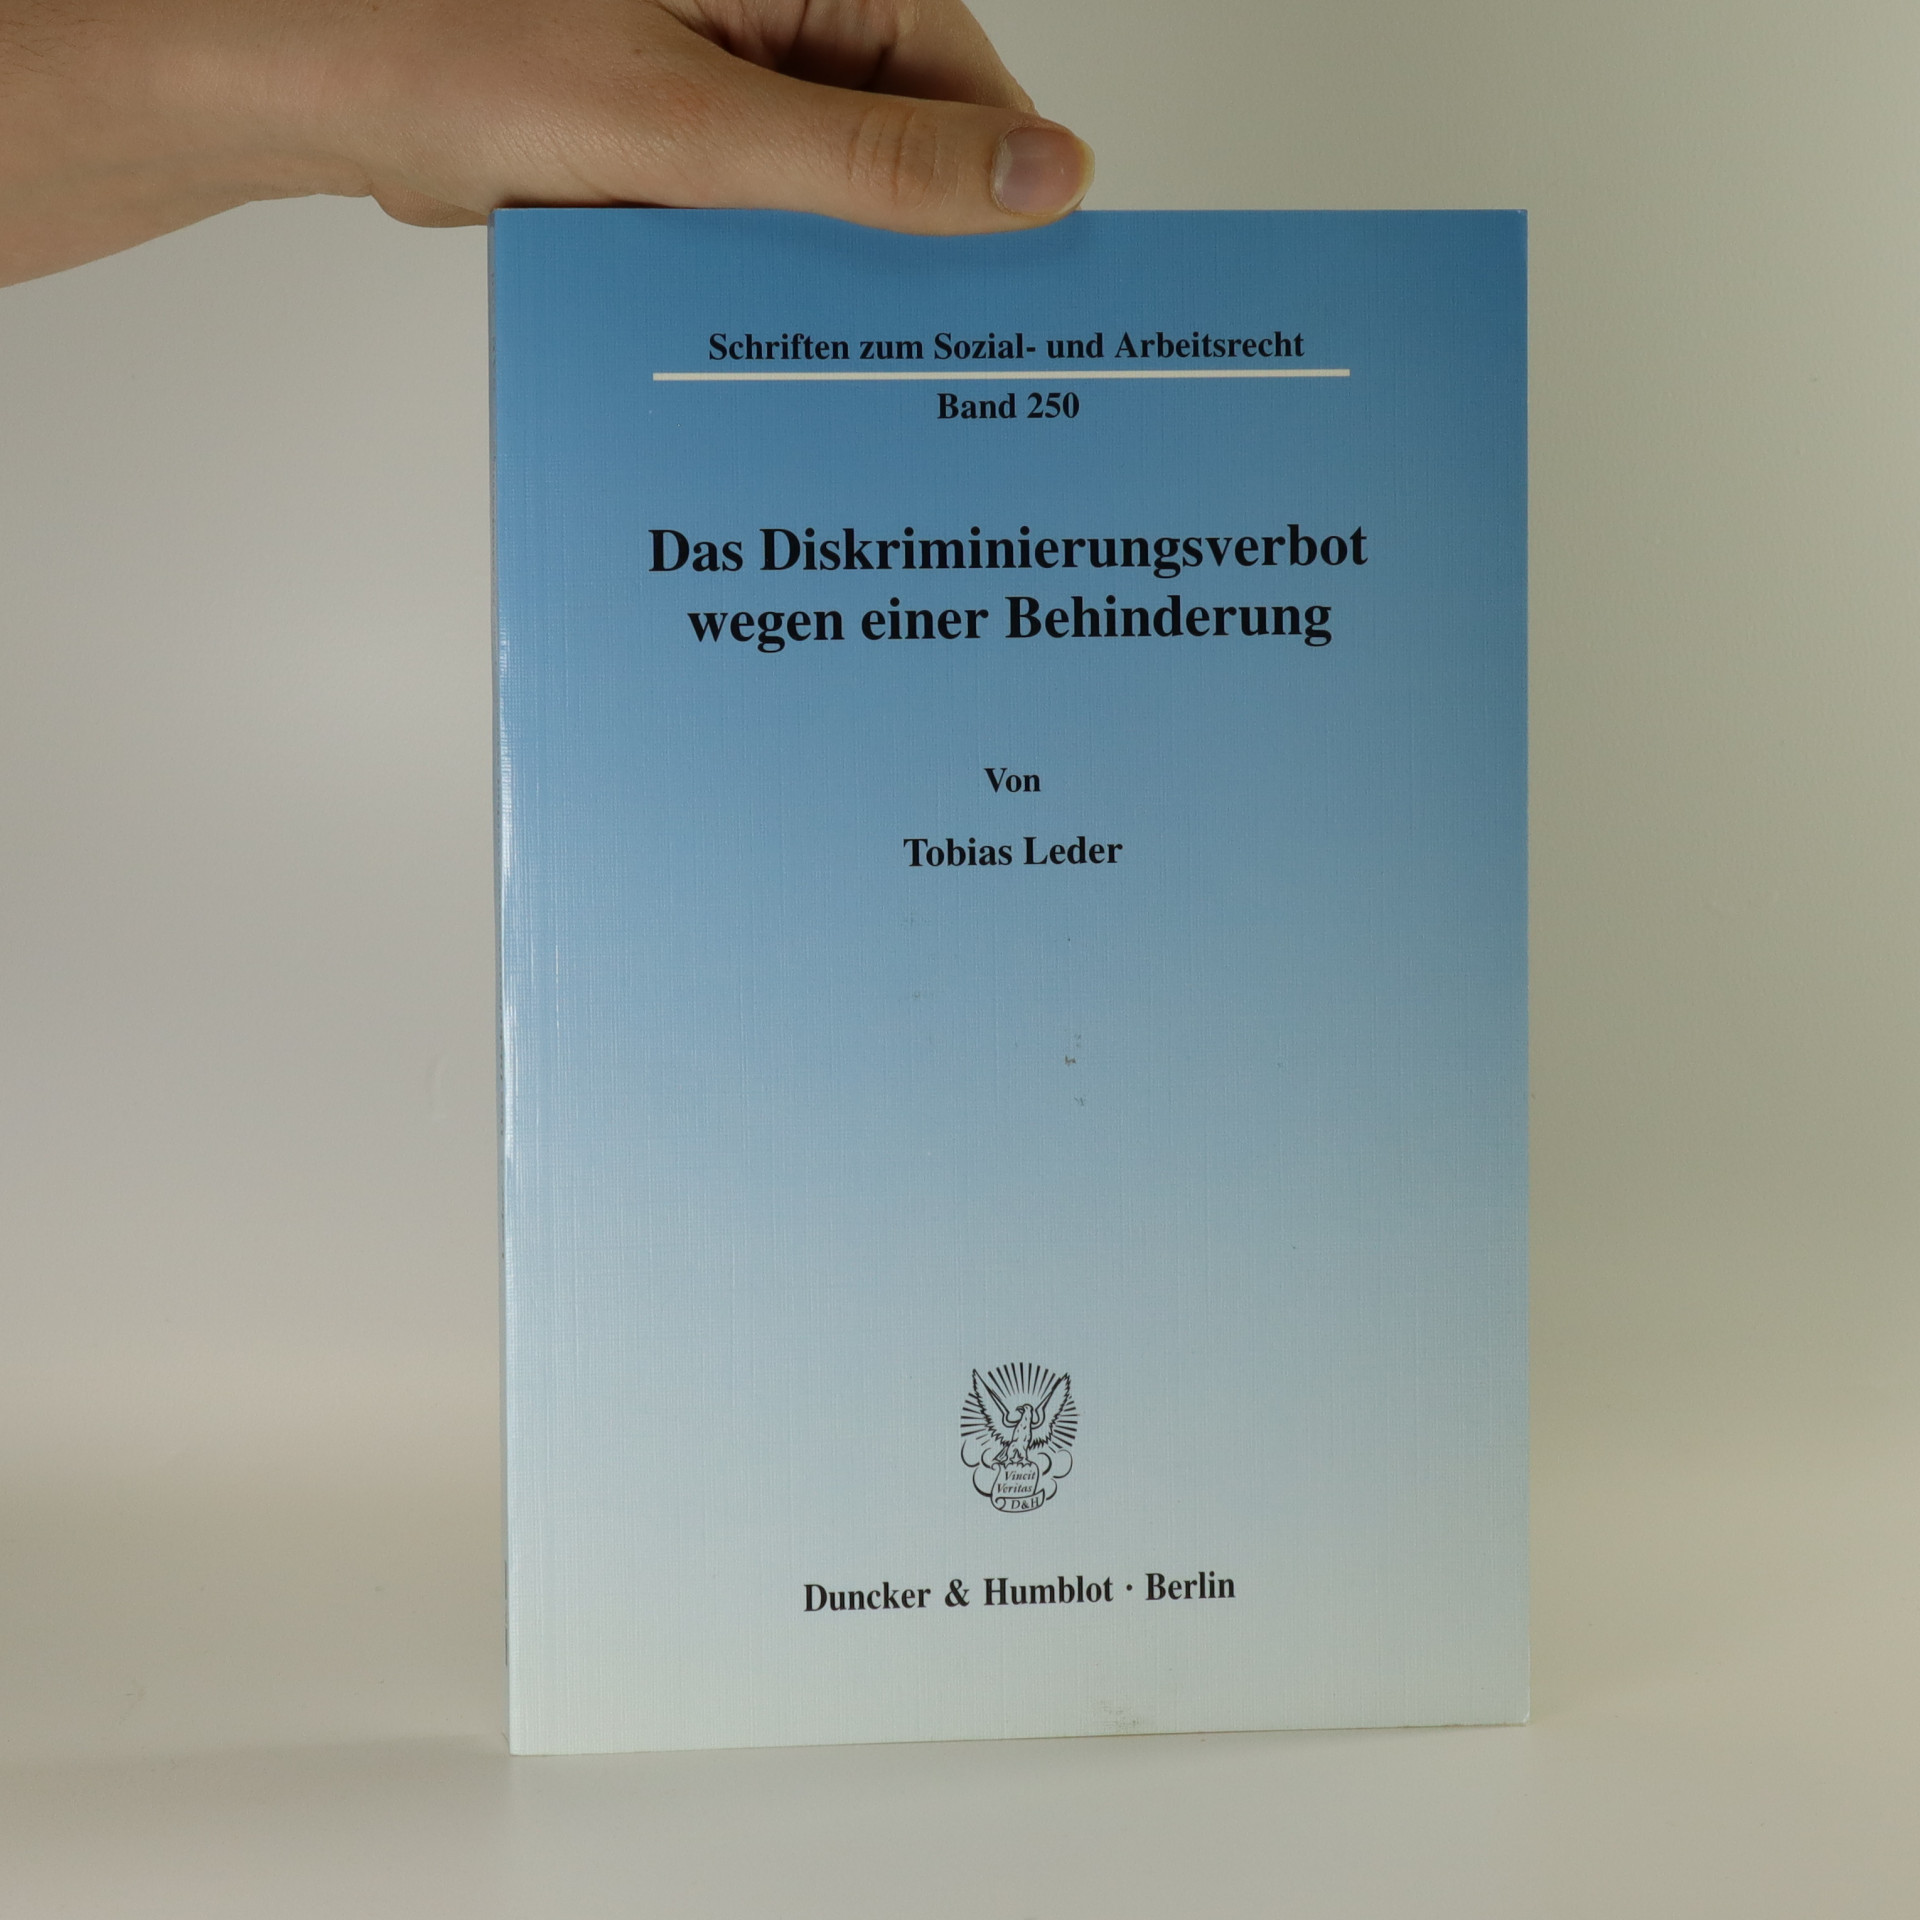 antikvární kniha Das Diskriminierungsverbot wegen einer Behinderung, neuveden